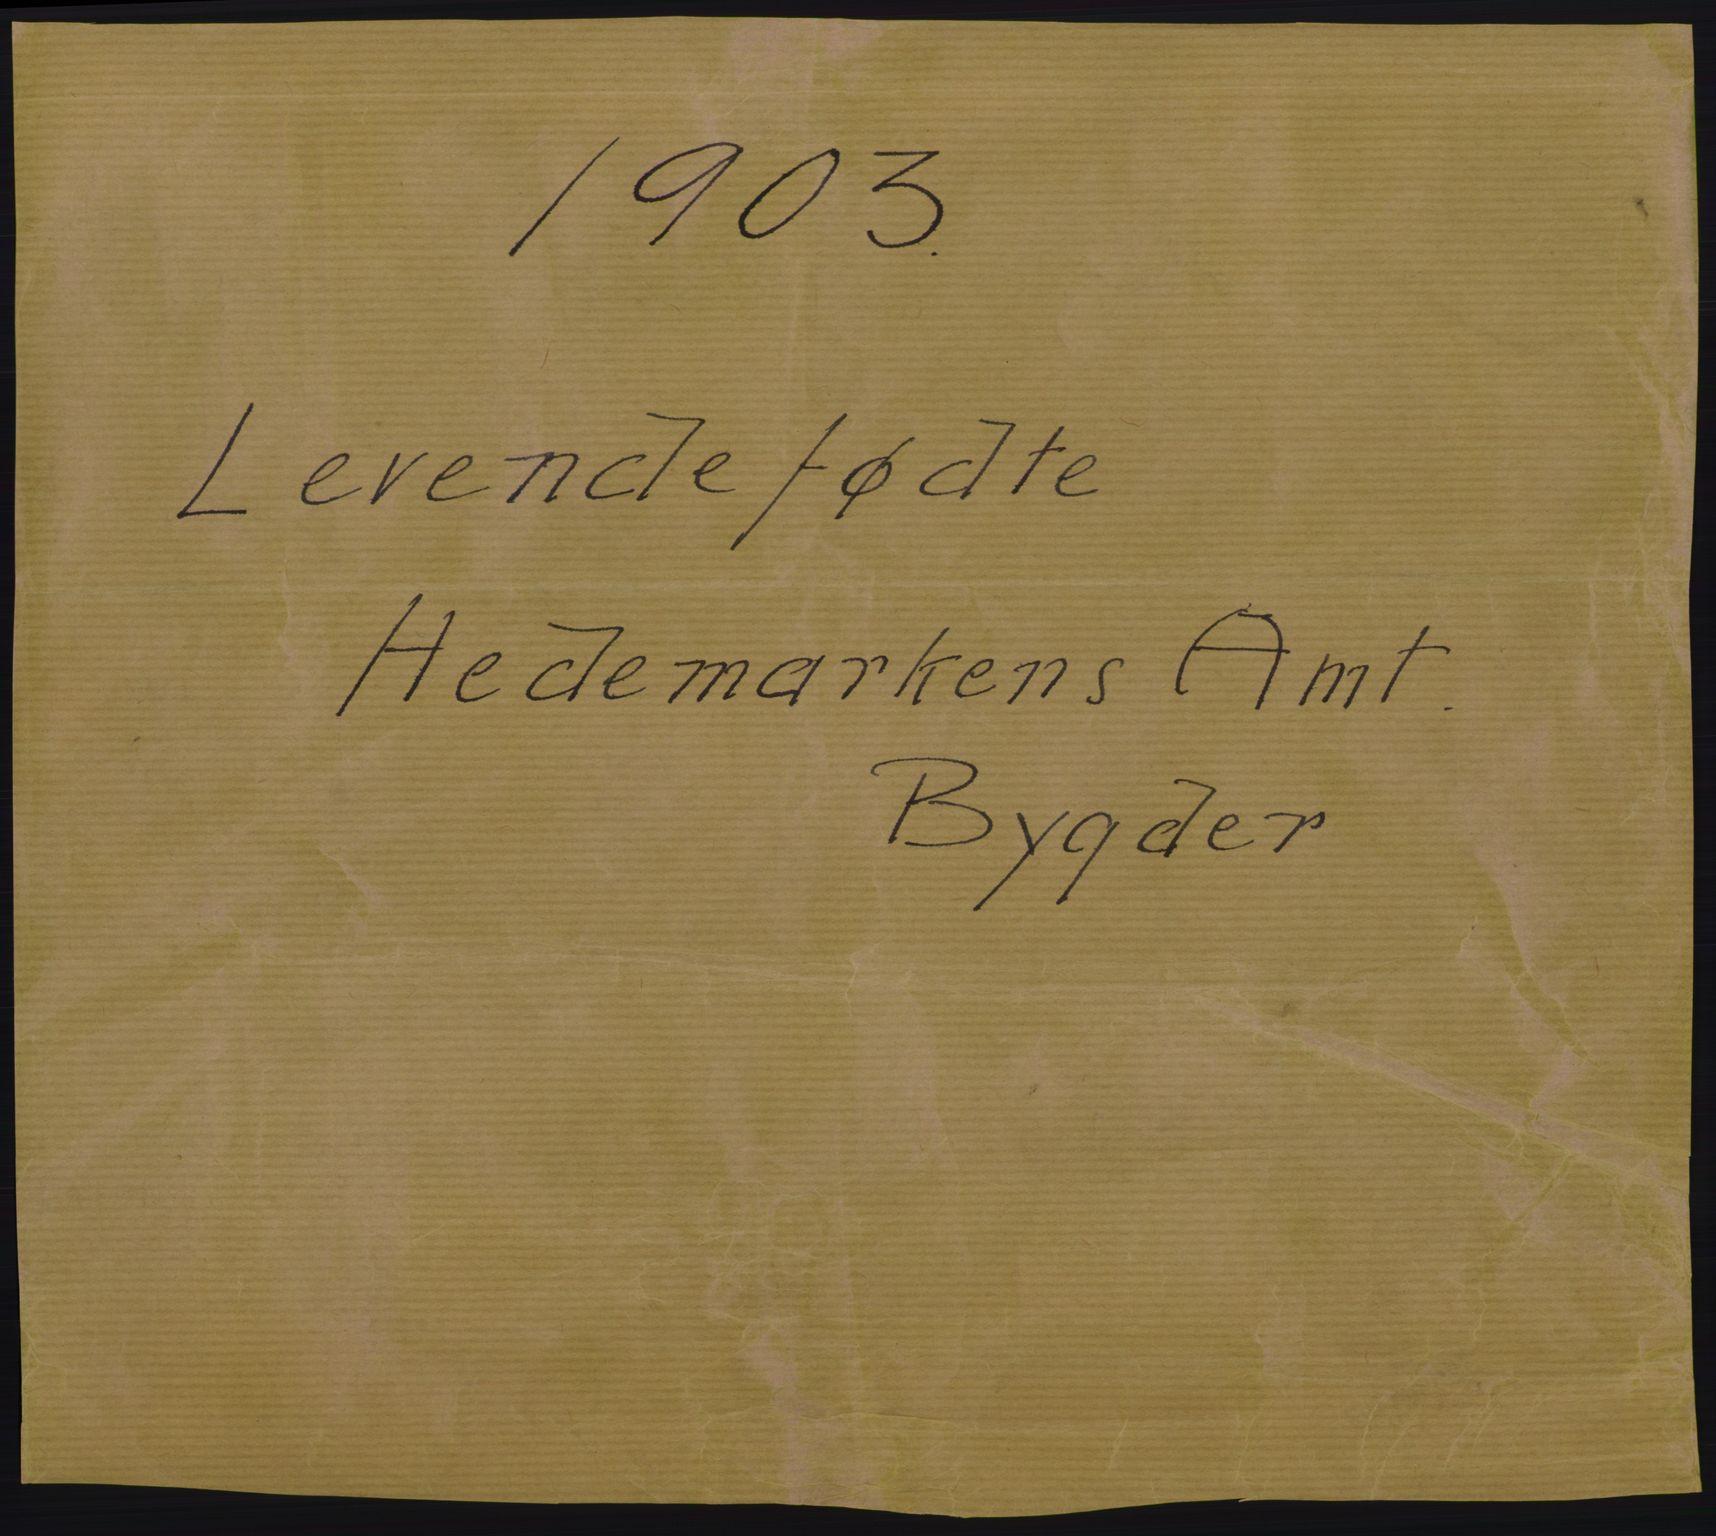 RA, Statistisk sentralbyrå, Sosiodemografiske emner, Befolkning, D/Df/Dfa/Dfaa/L0005: Hedemarkens amt: Fødte, gifte, døde, 1903, p. 1